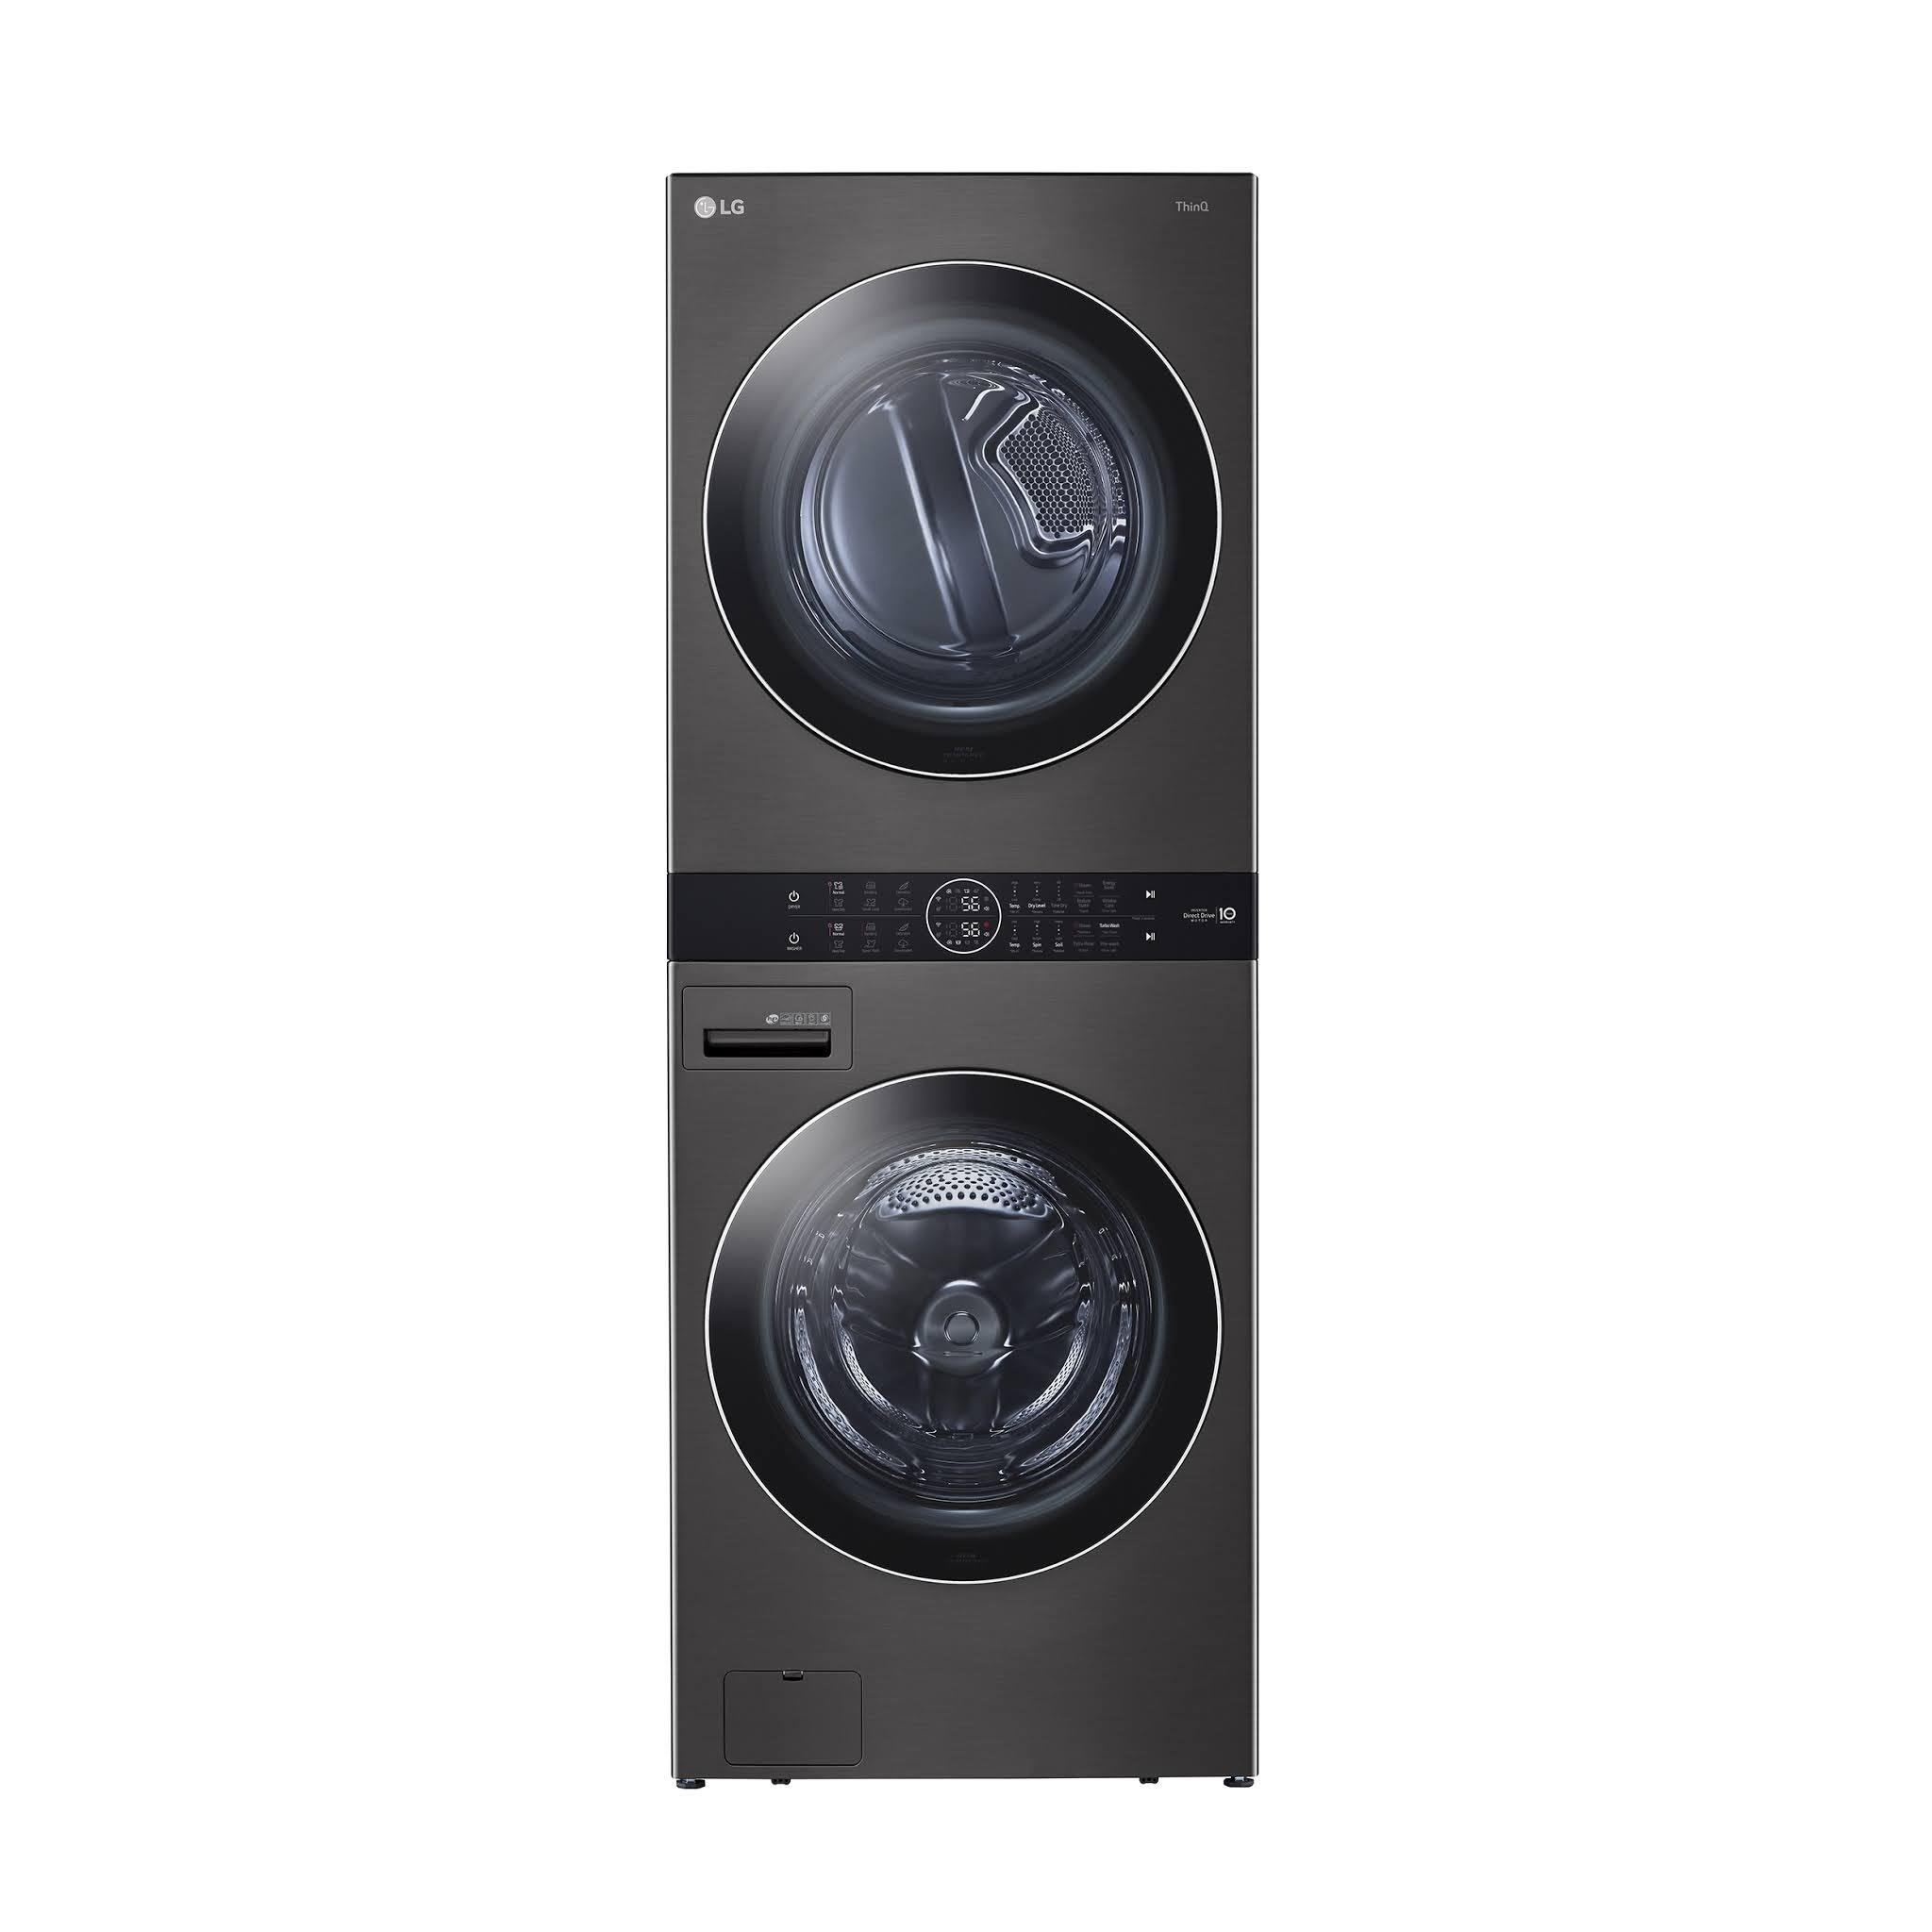 LG Washtower establece una nueva expectativa para rendimiento y conveniencia